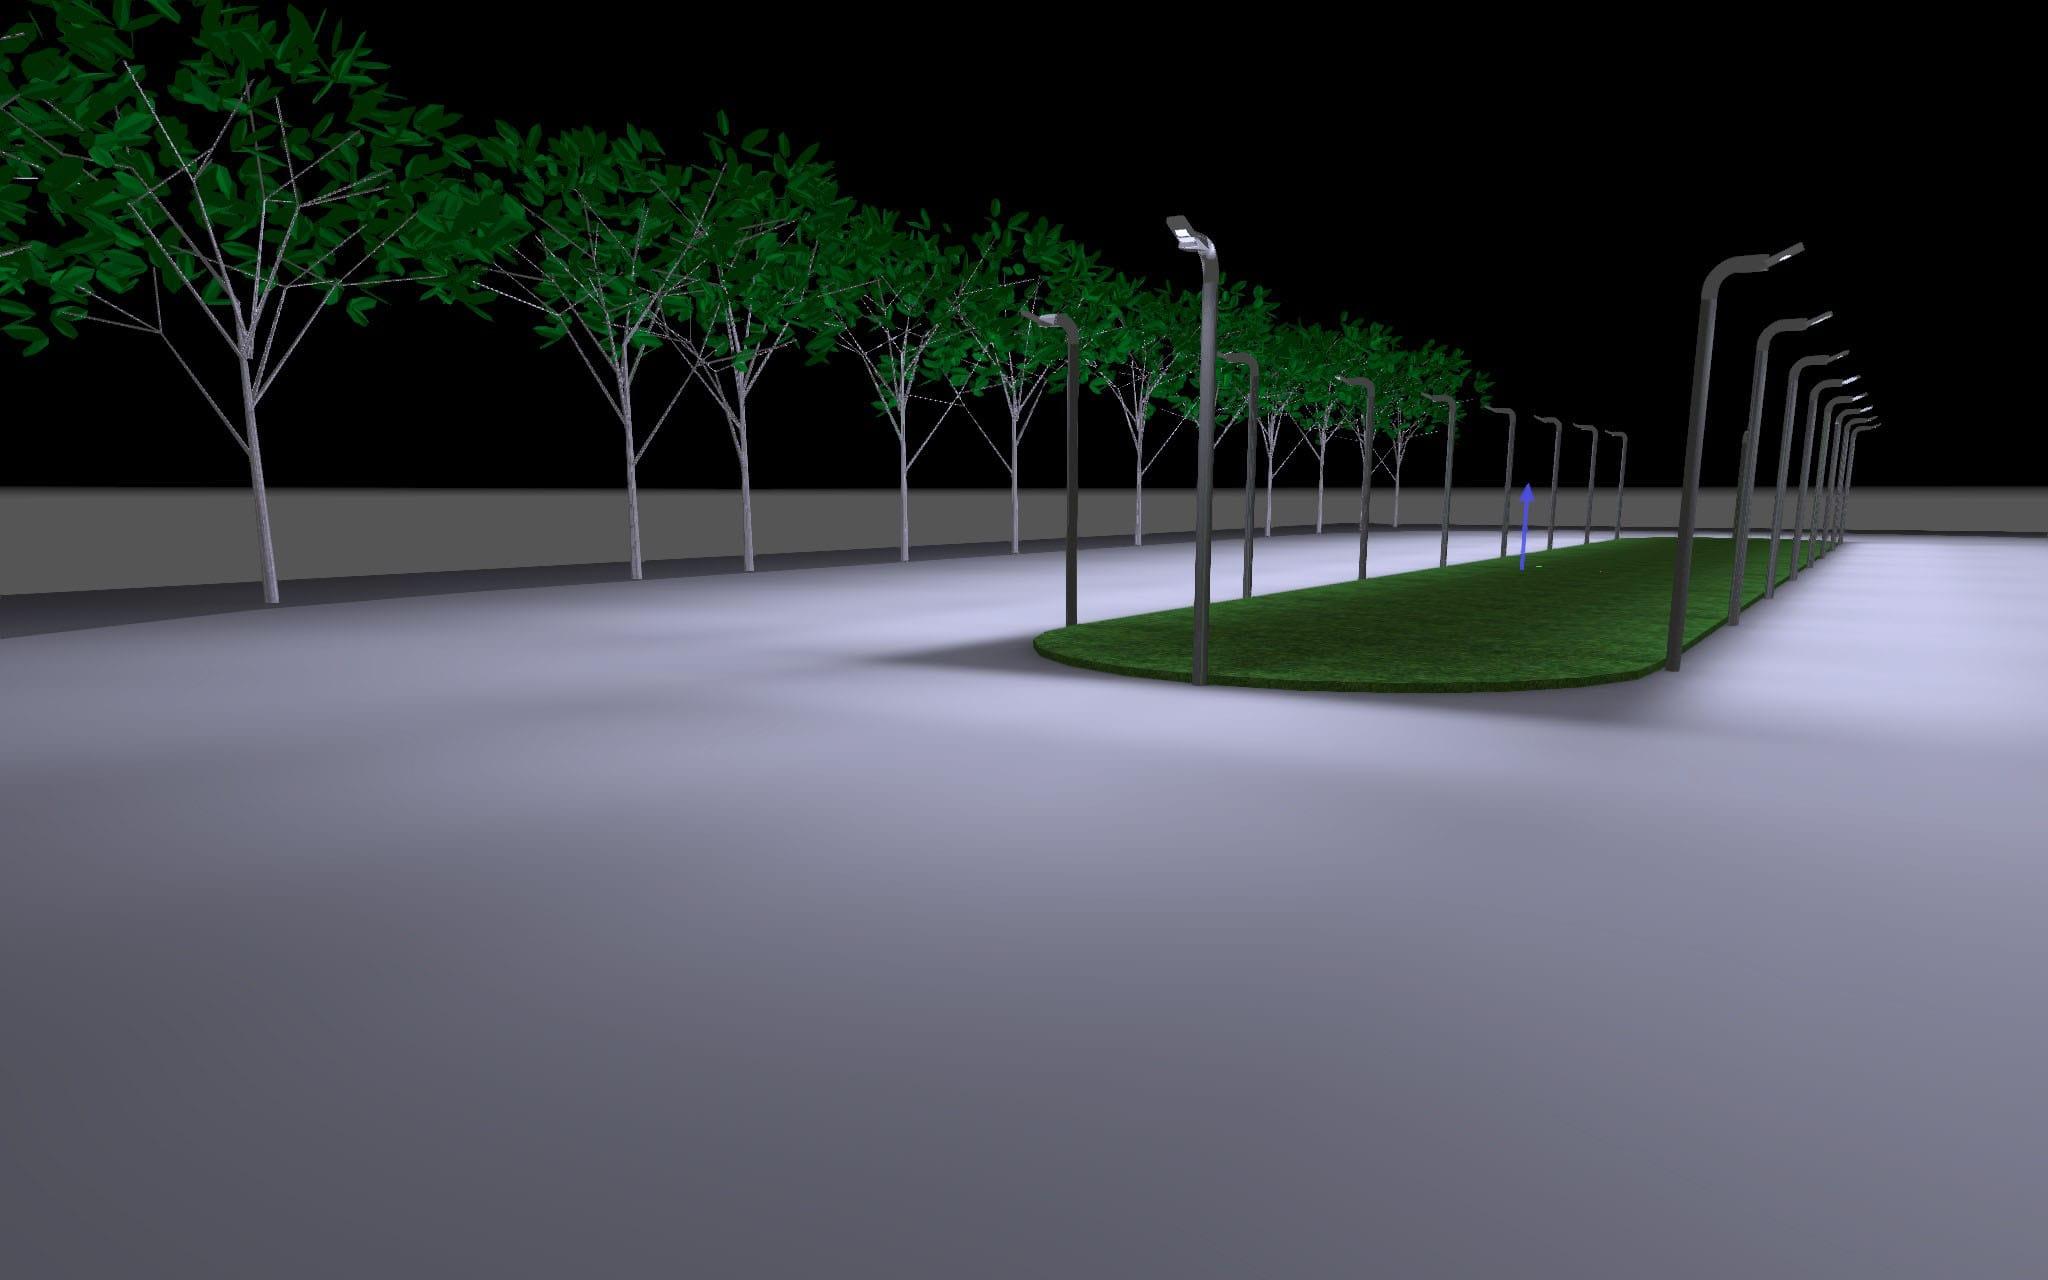 Verlichting voor een schaatsbaan